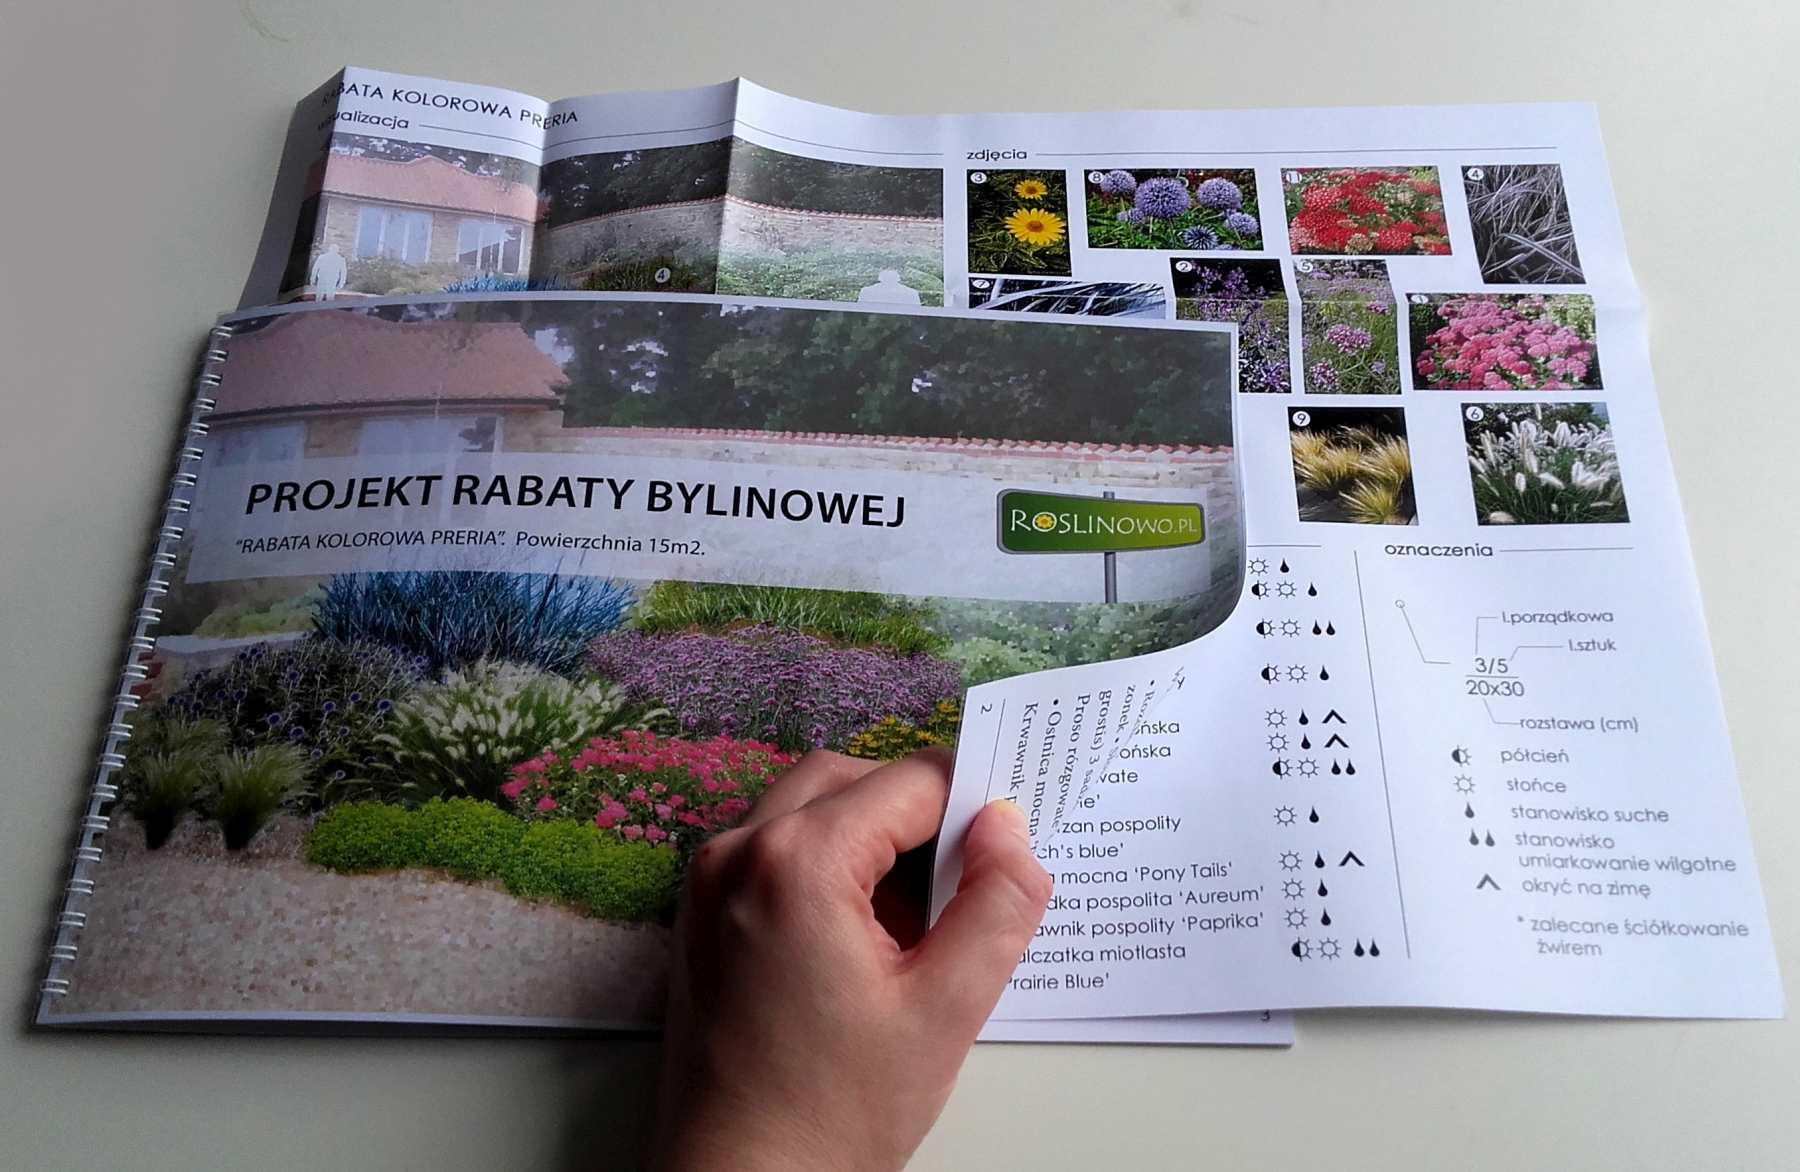 wydrukowany projekt rabaty kolorowa preria